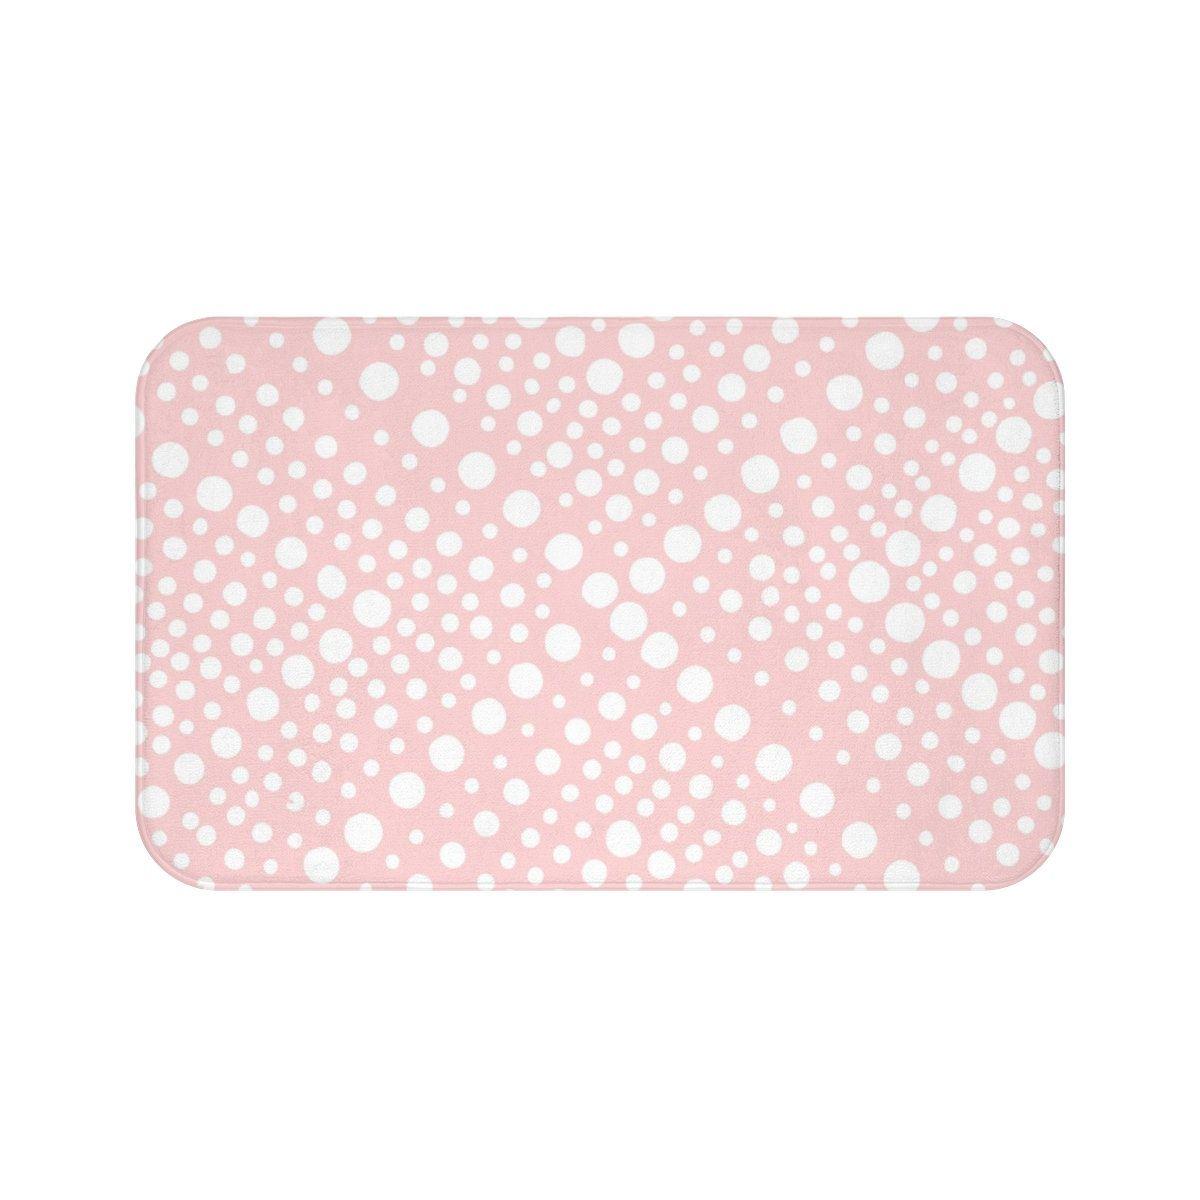 Blush Bath Mat Blush Pink And White Bath Mat X Dot Bathroom